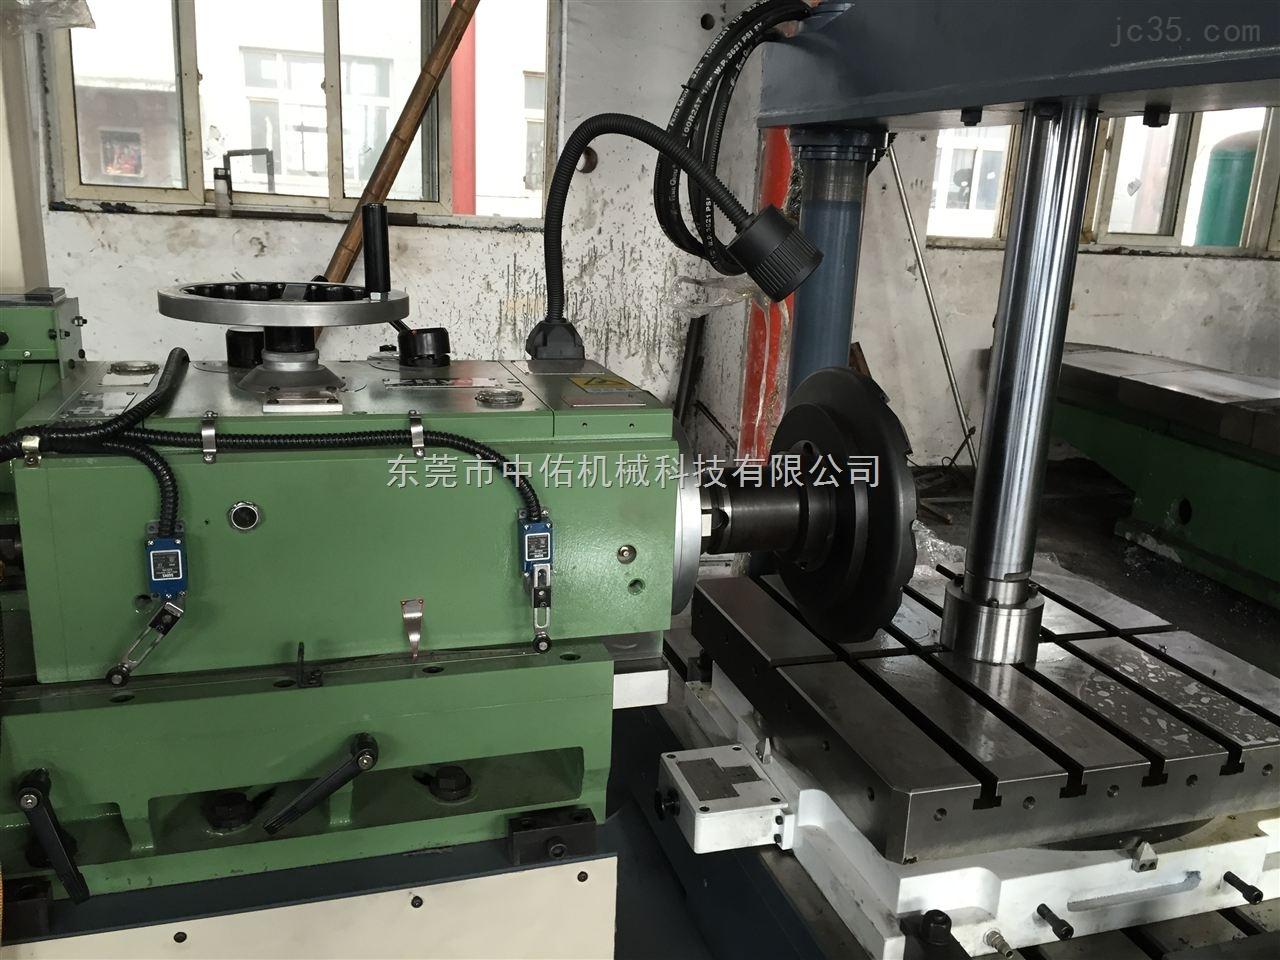 摘要:模架倒角机广泛应用在钢铁